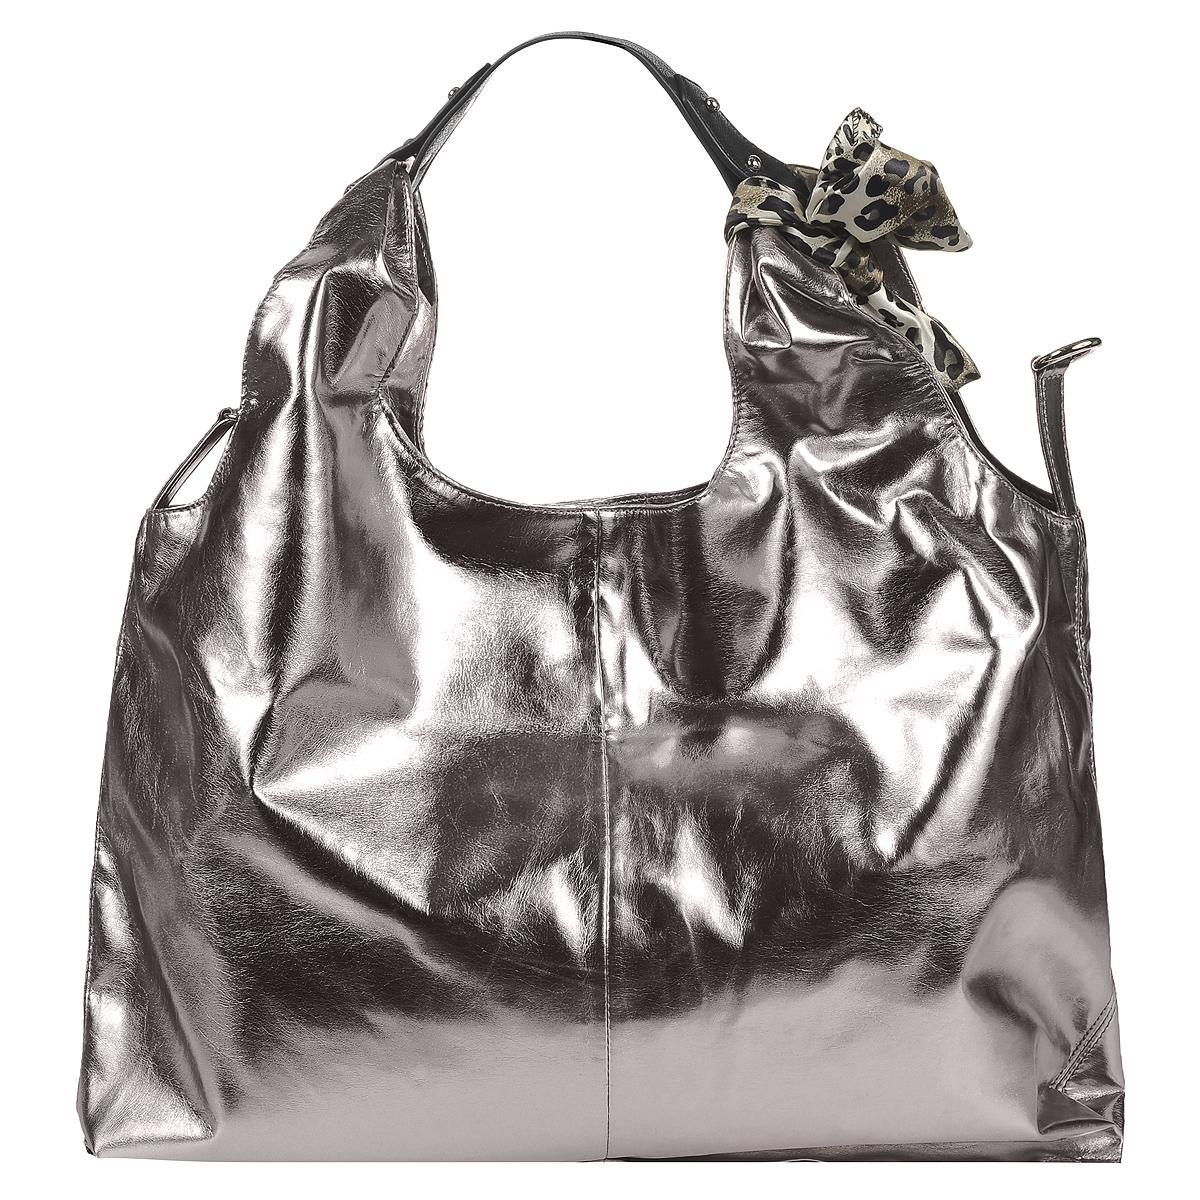 Сумка женская Fancy Bag, цвет: серый. 0106-770106-77 серыйСтильная сумка Fancy bag выполнена из искусственной кожи серого цвета. Сумка имеет одно вместительное отделение, закрывающееся на магнитную кнопку. Внутри - вшитый карман на застежке-молнии, два накладных кармана для мелочей и мобильного телефона, а также вместительный съемный карман на застежке-молнии. Внутри этого кармана вшитый кармашек на молнии и два накладных кармашка для мелочей. Внутренний карман можно при необходимости вынуть или установить при помощи металлических кнопок. По бокам сумки два ремешка с карабинами для придания сумки формы в виде треугольника. Сумка оснащена удобной ручкой и шейным платком. В комплекте чехол для хранения. Этот стильный аксессуар станет великолепным дополнением вашего образа.